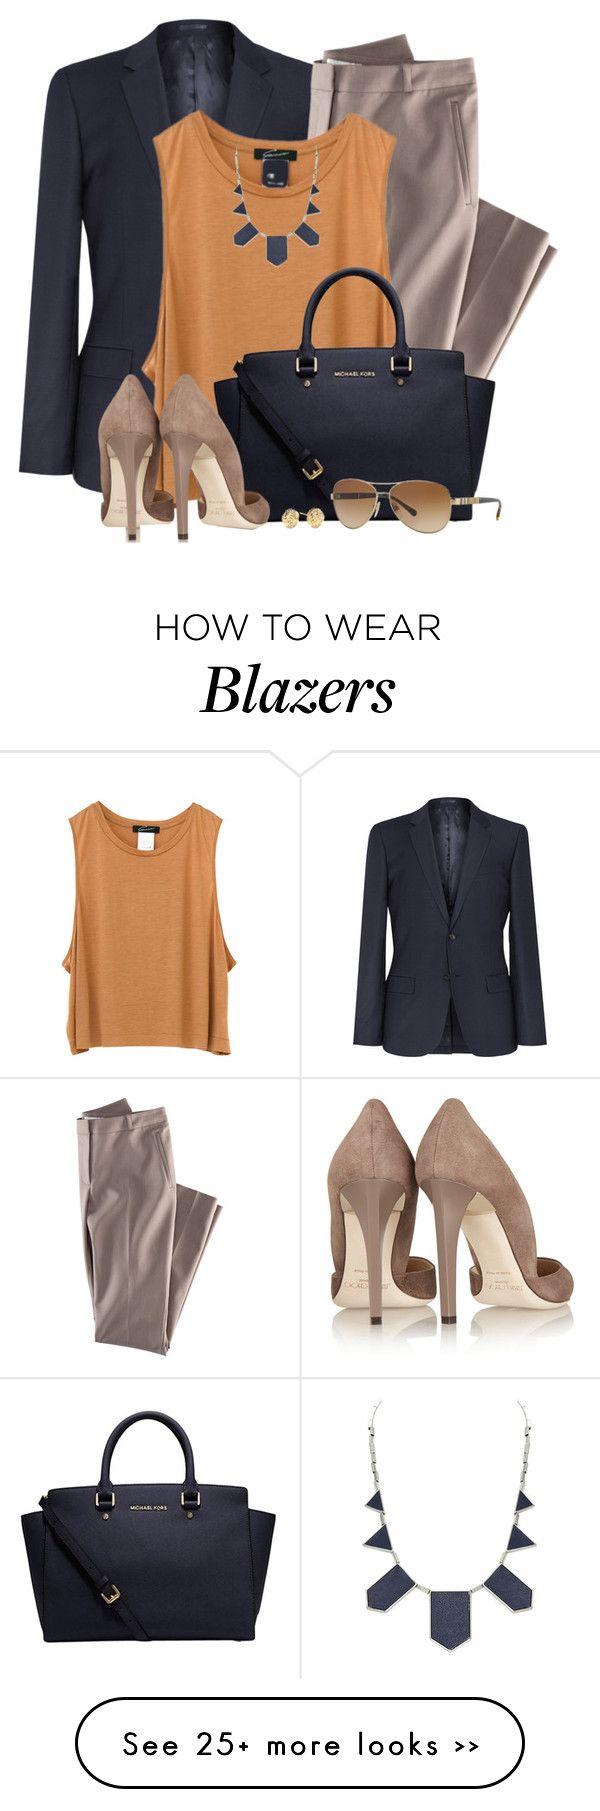 Mkt bra färgmix. Bra kombo av klassisk stil med byxor/linne/kavaj/skor. OBS Minus väska och halsband.